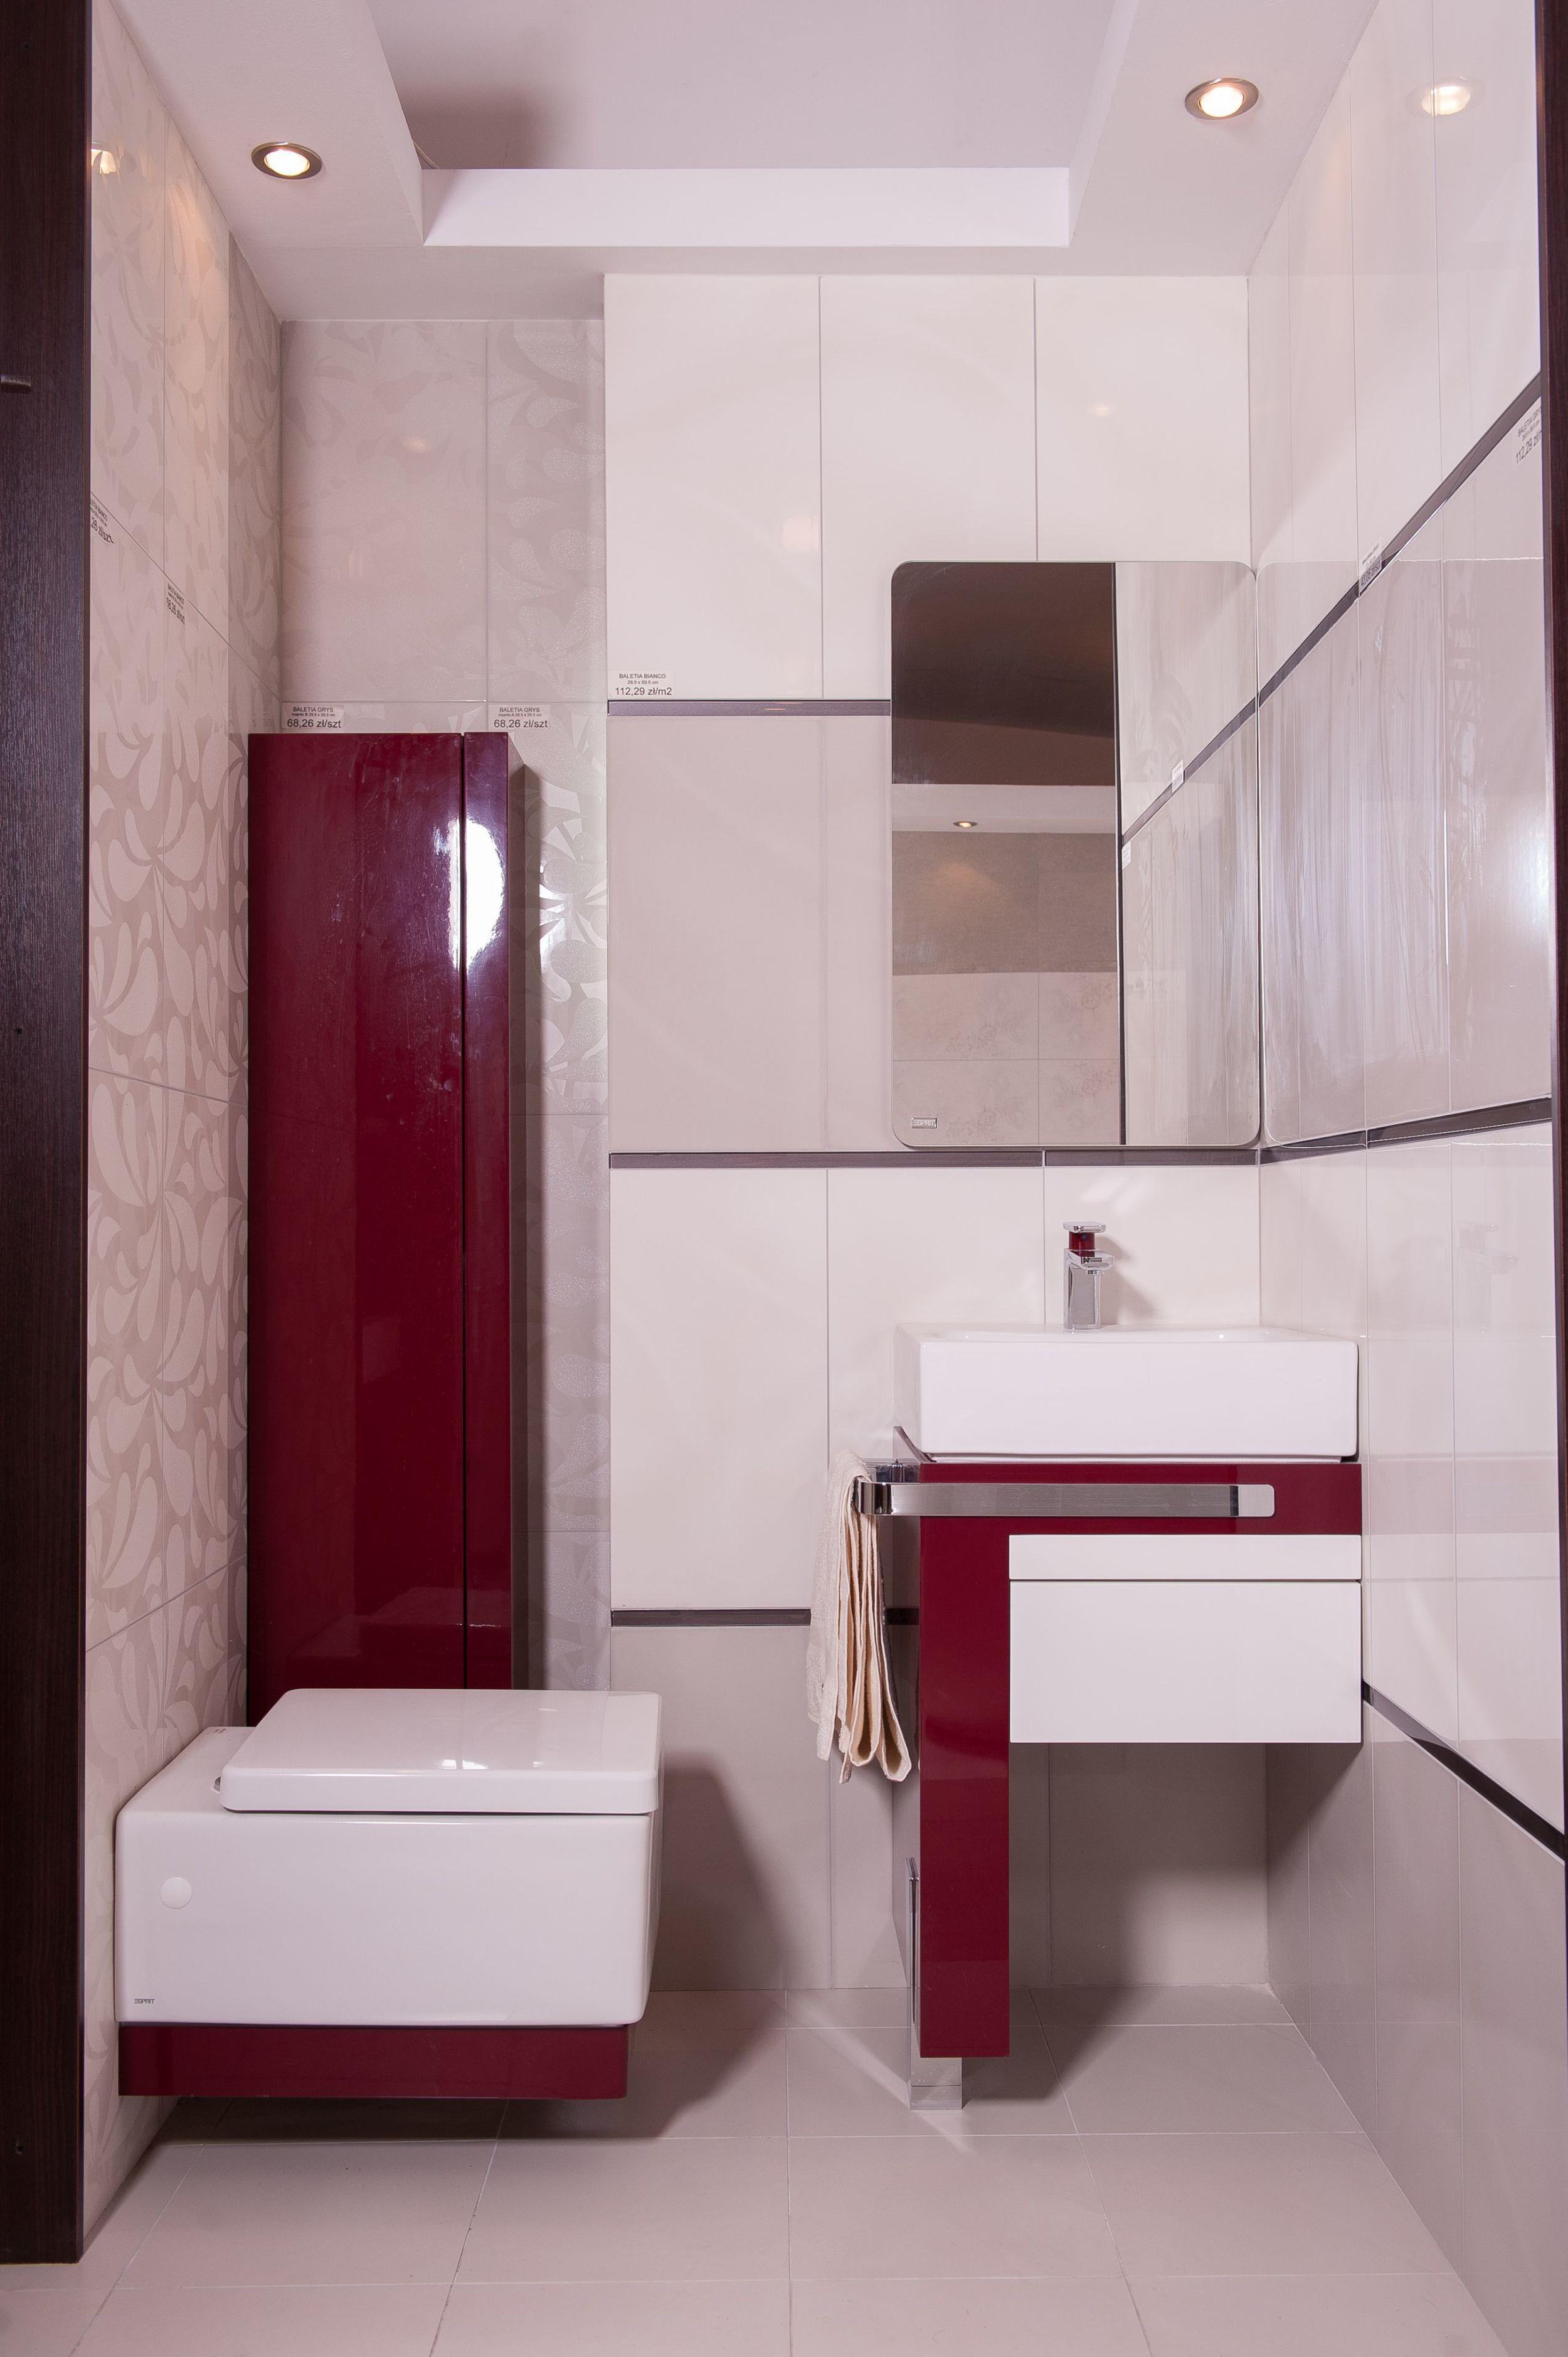 Meble łazienkowe kolekcji Esprit   Kamgres